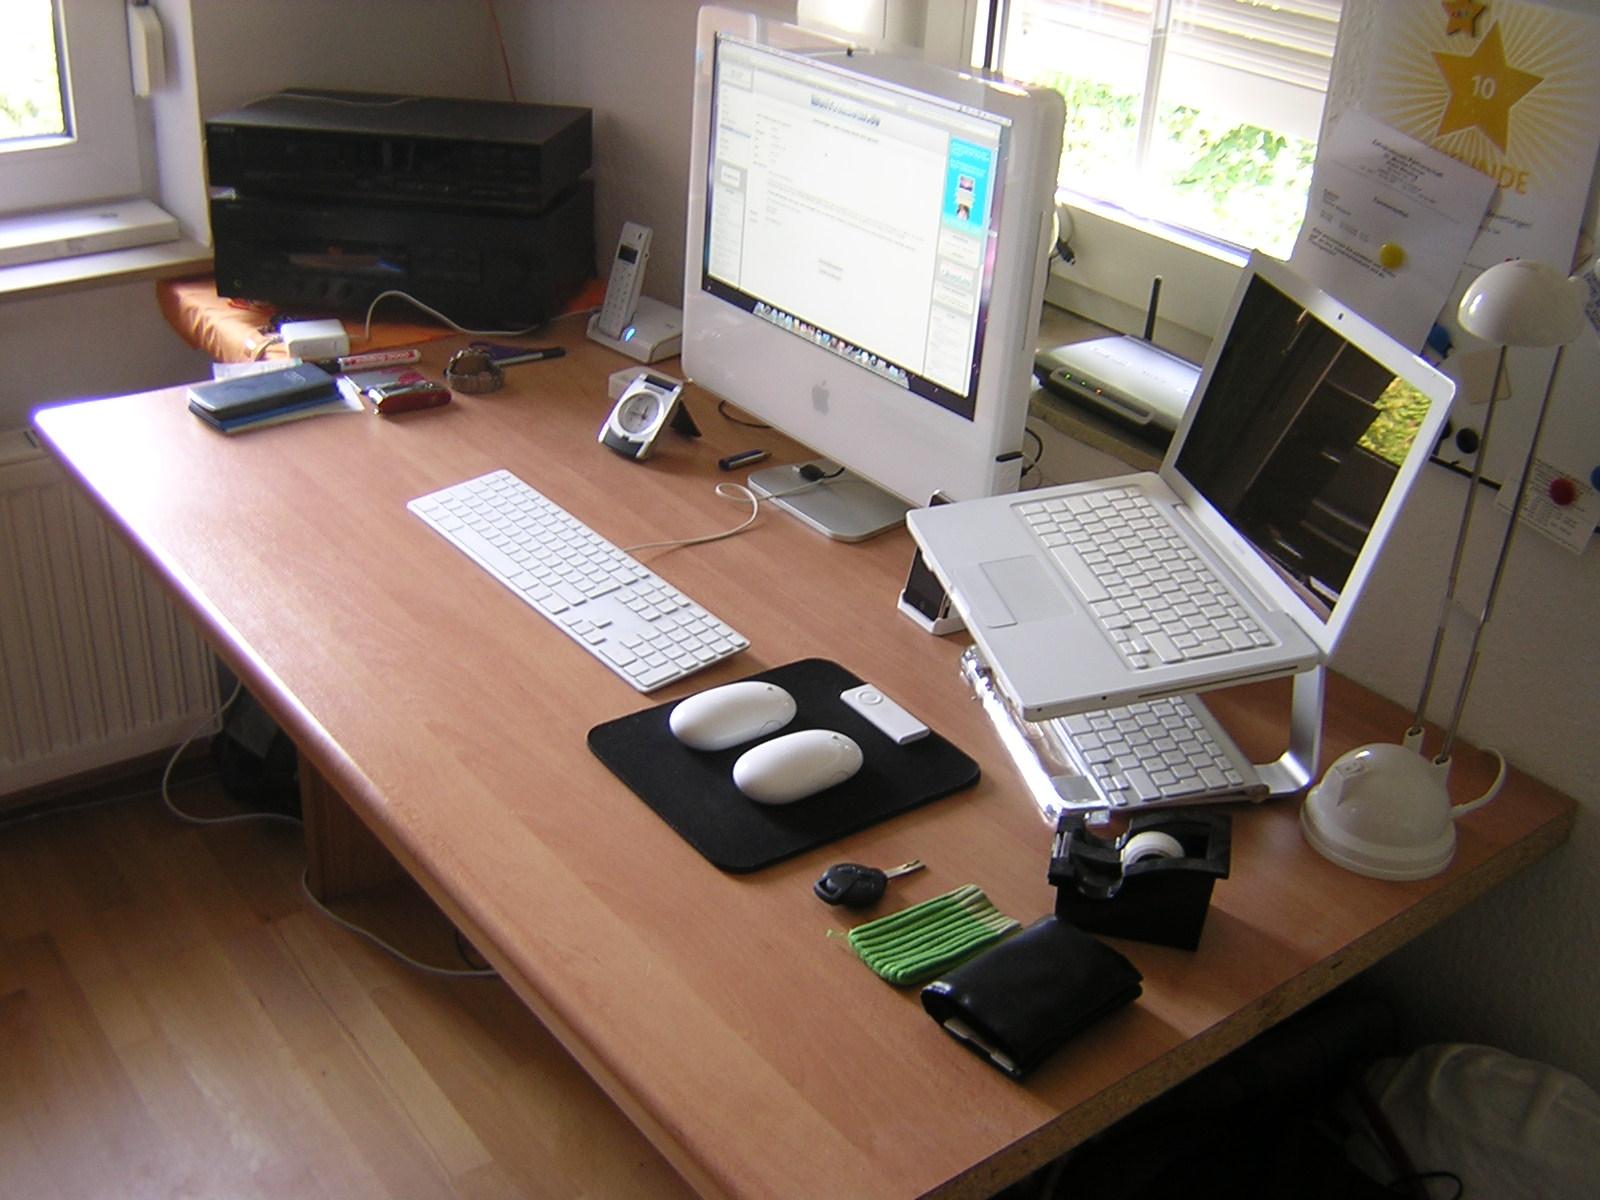 Mein neuer schreibtisch hardware galerie for Schreibtisch 3d modell